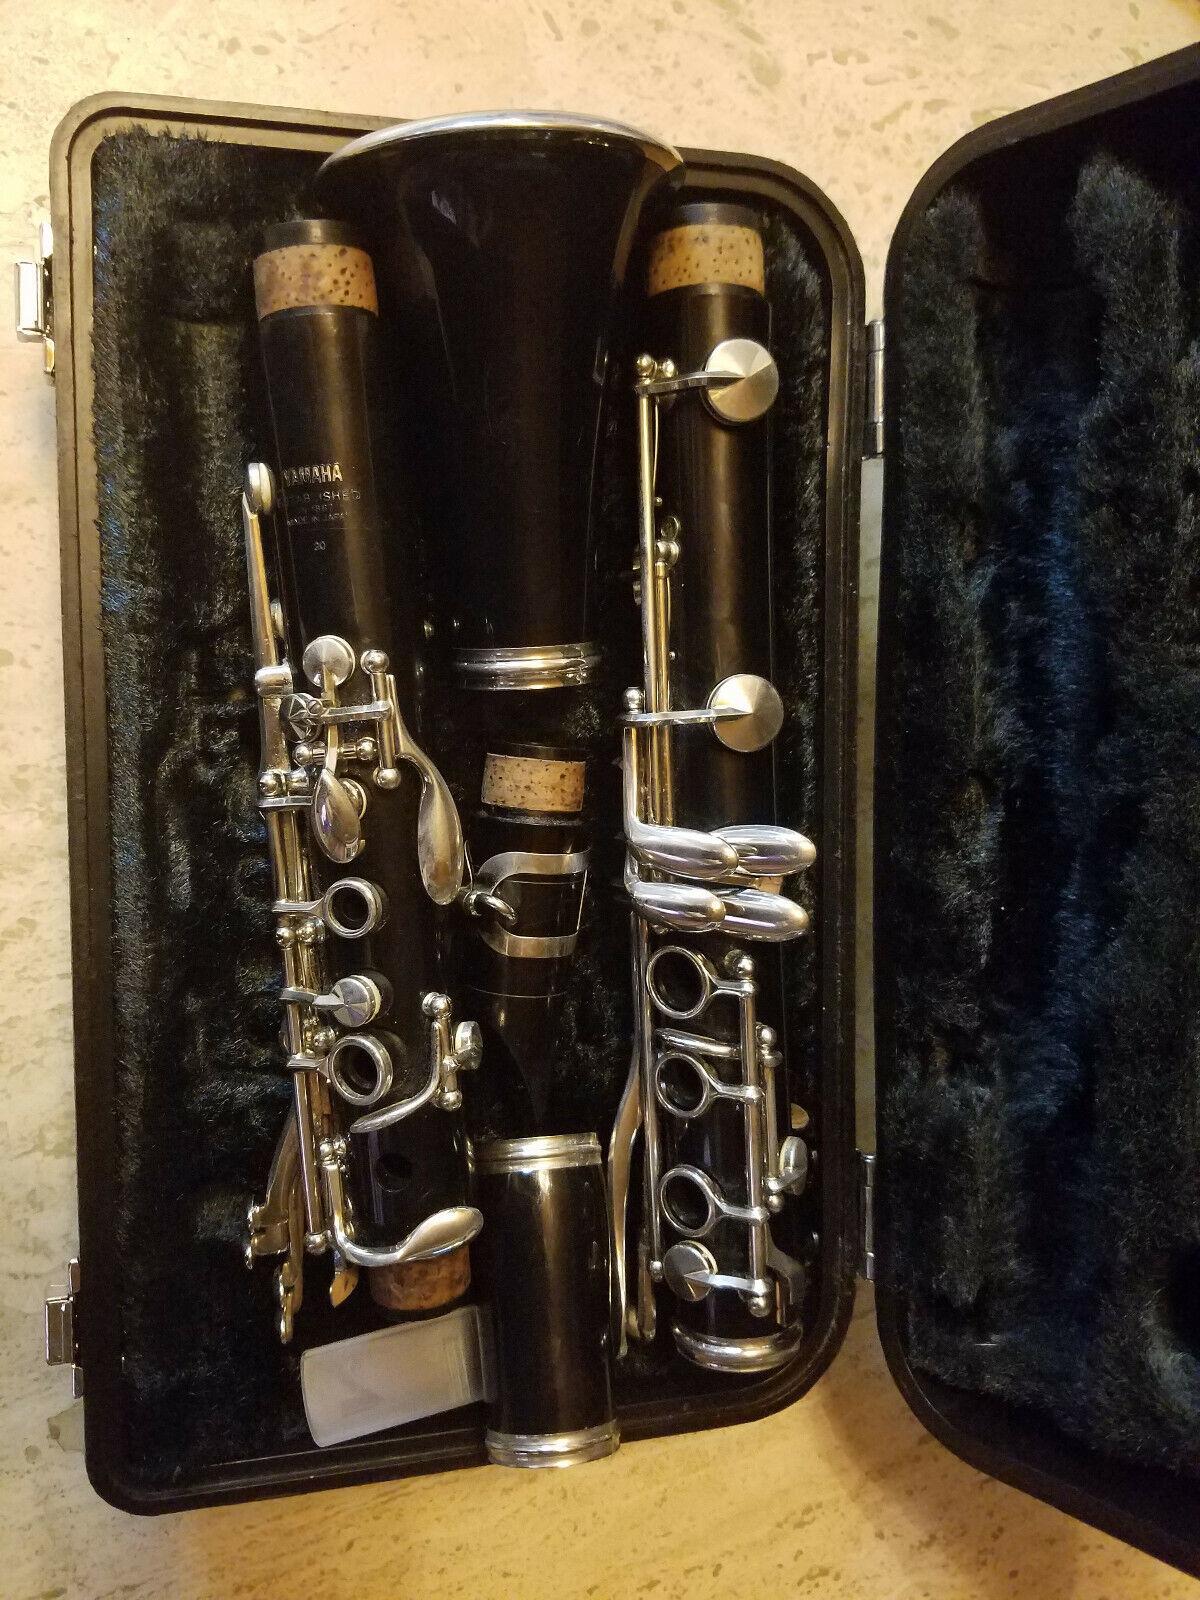 Bb-Klarinette, Hersteller Yamaha, Böhm-System, mit Koffer in sehr gutem Zustand